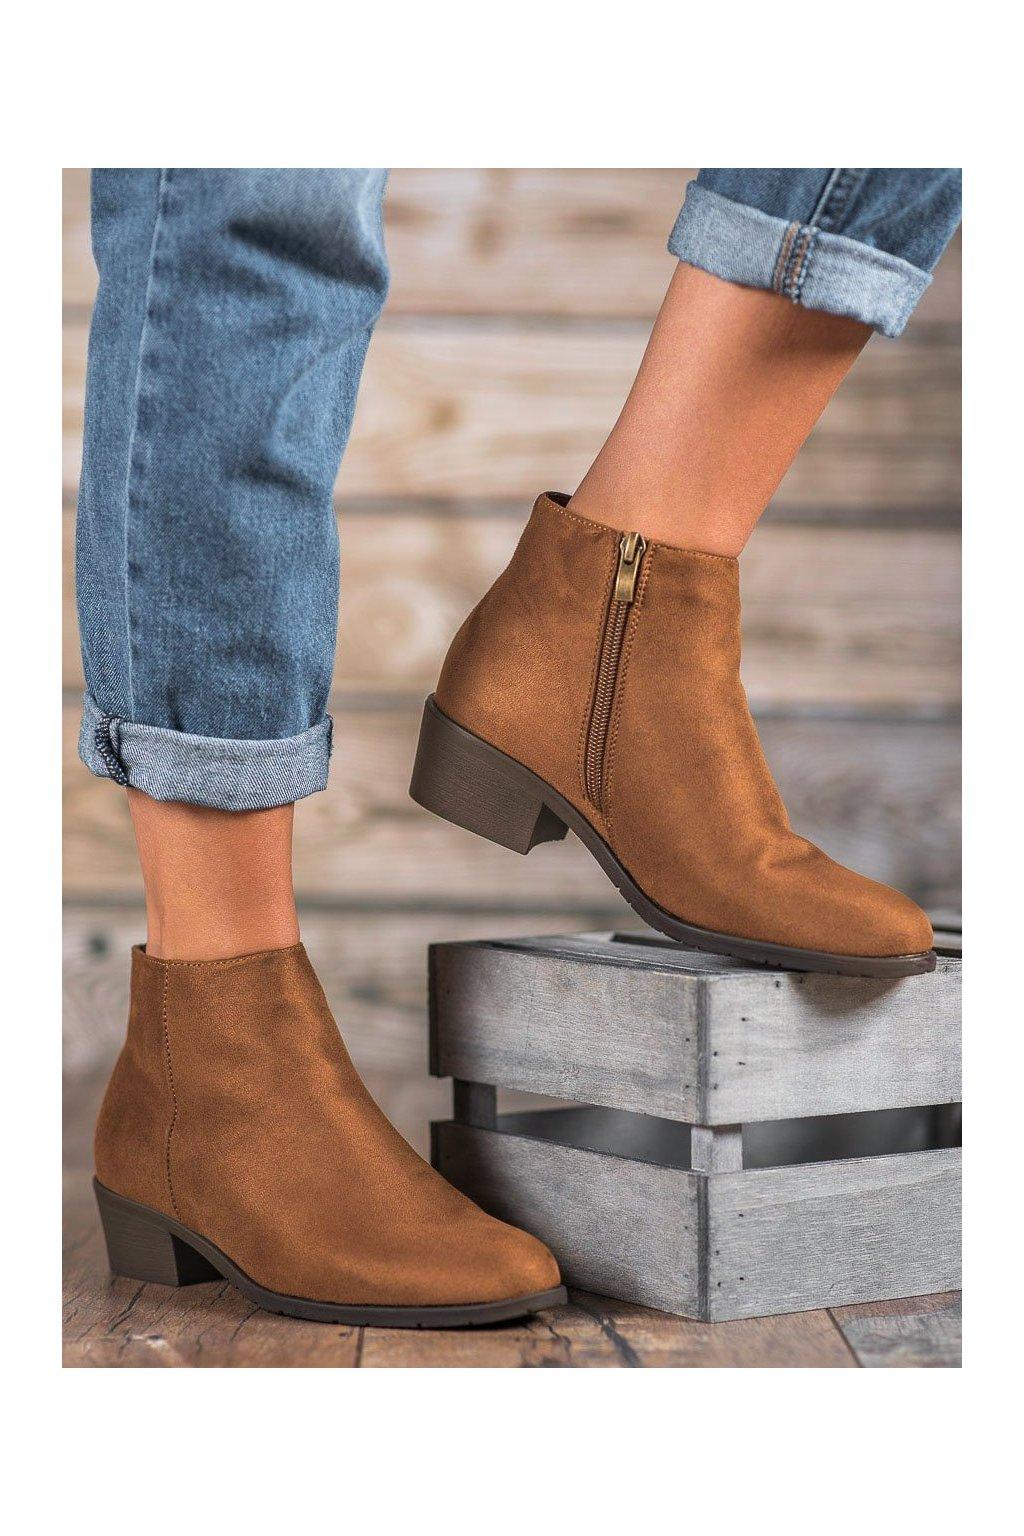 Hnedé dámske topánky Filippo kod DBT1048/19BR